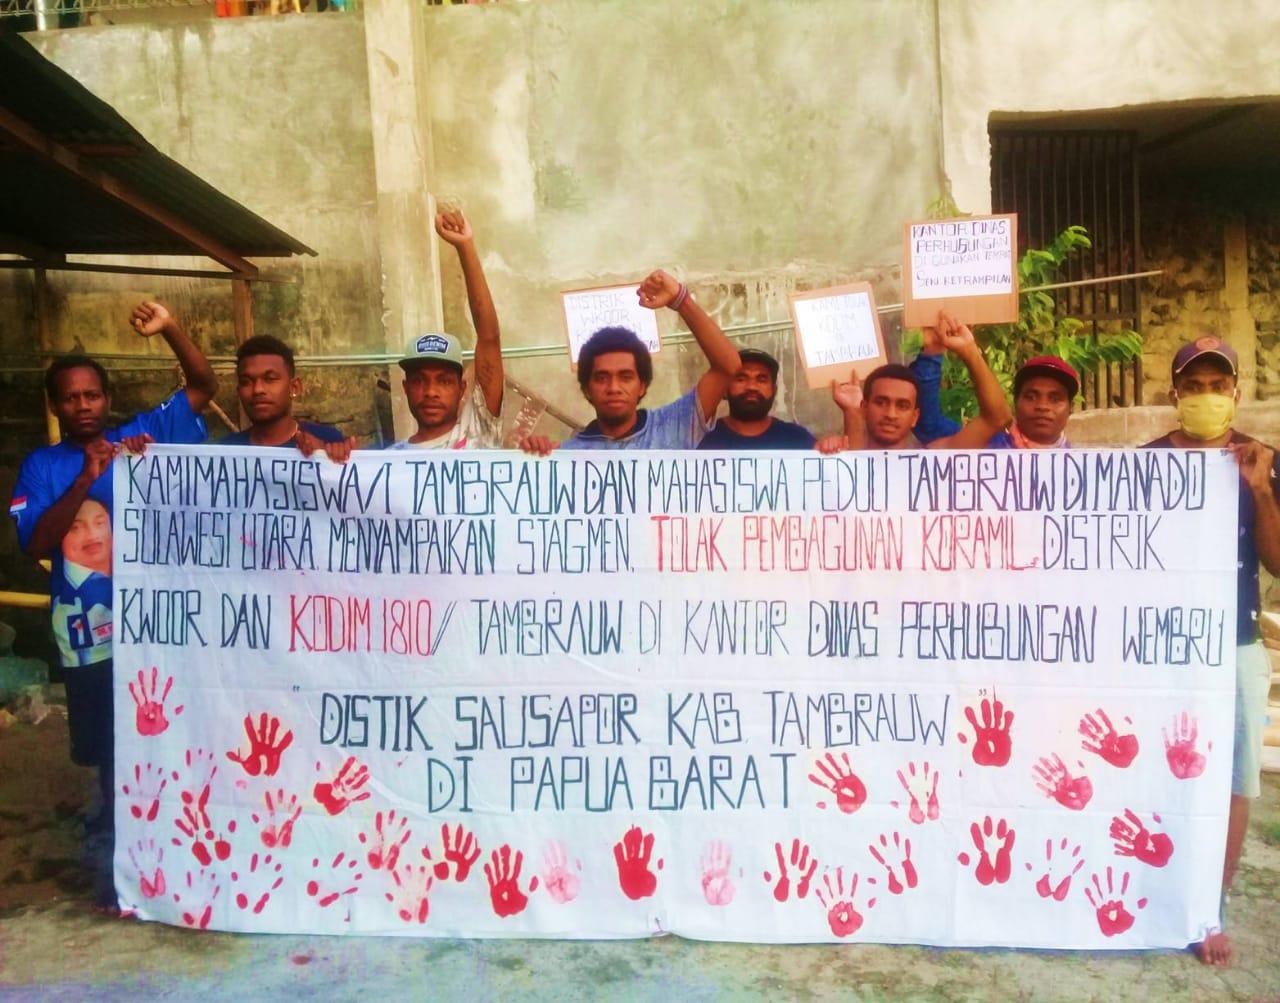 Masyarakat Tambrauw Tra Butuh Kodim Suara Papua